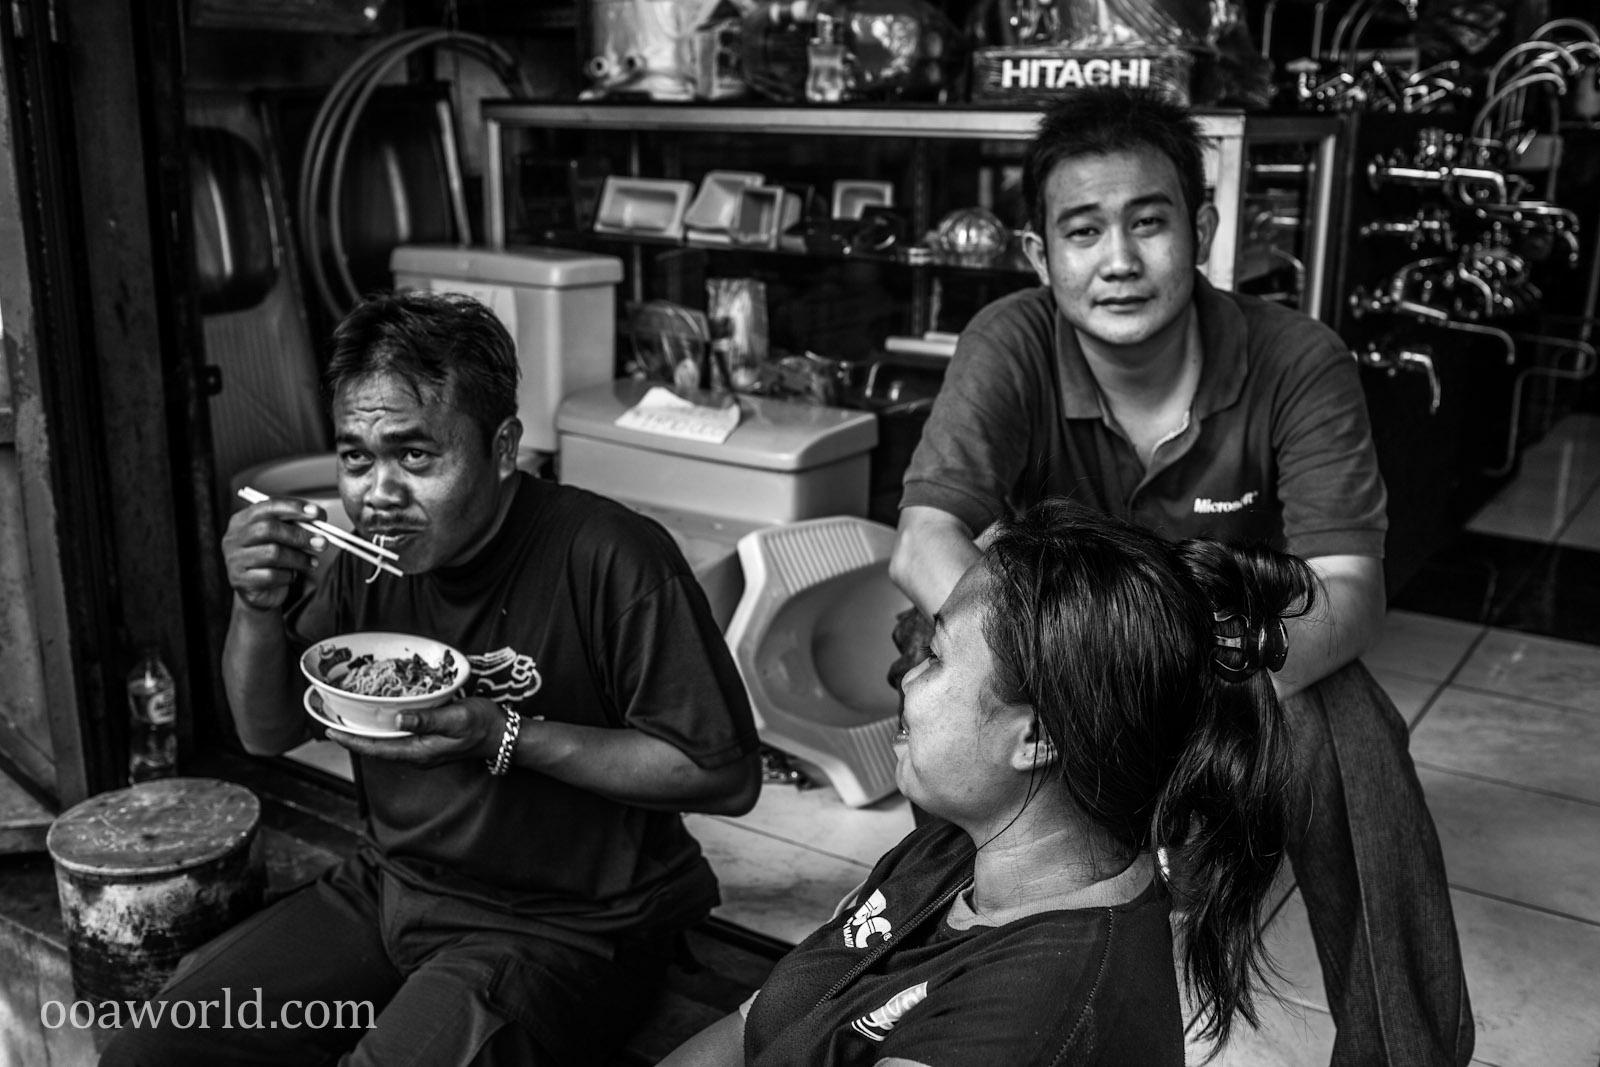 Electronic Shop Jakarta Lunch Photo Ooaworld